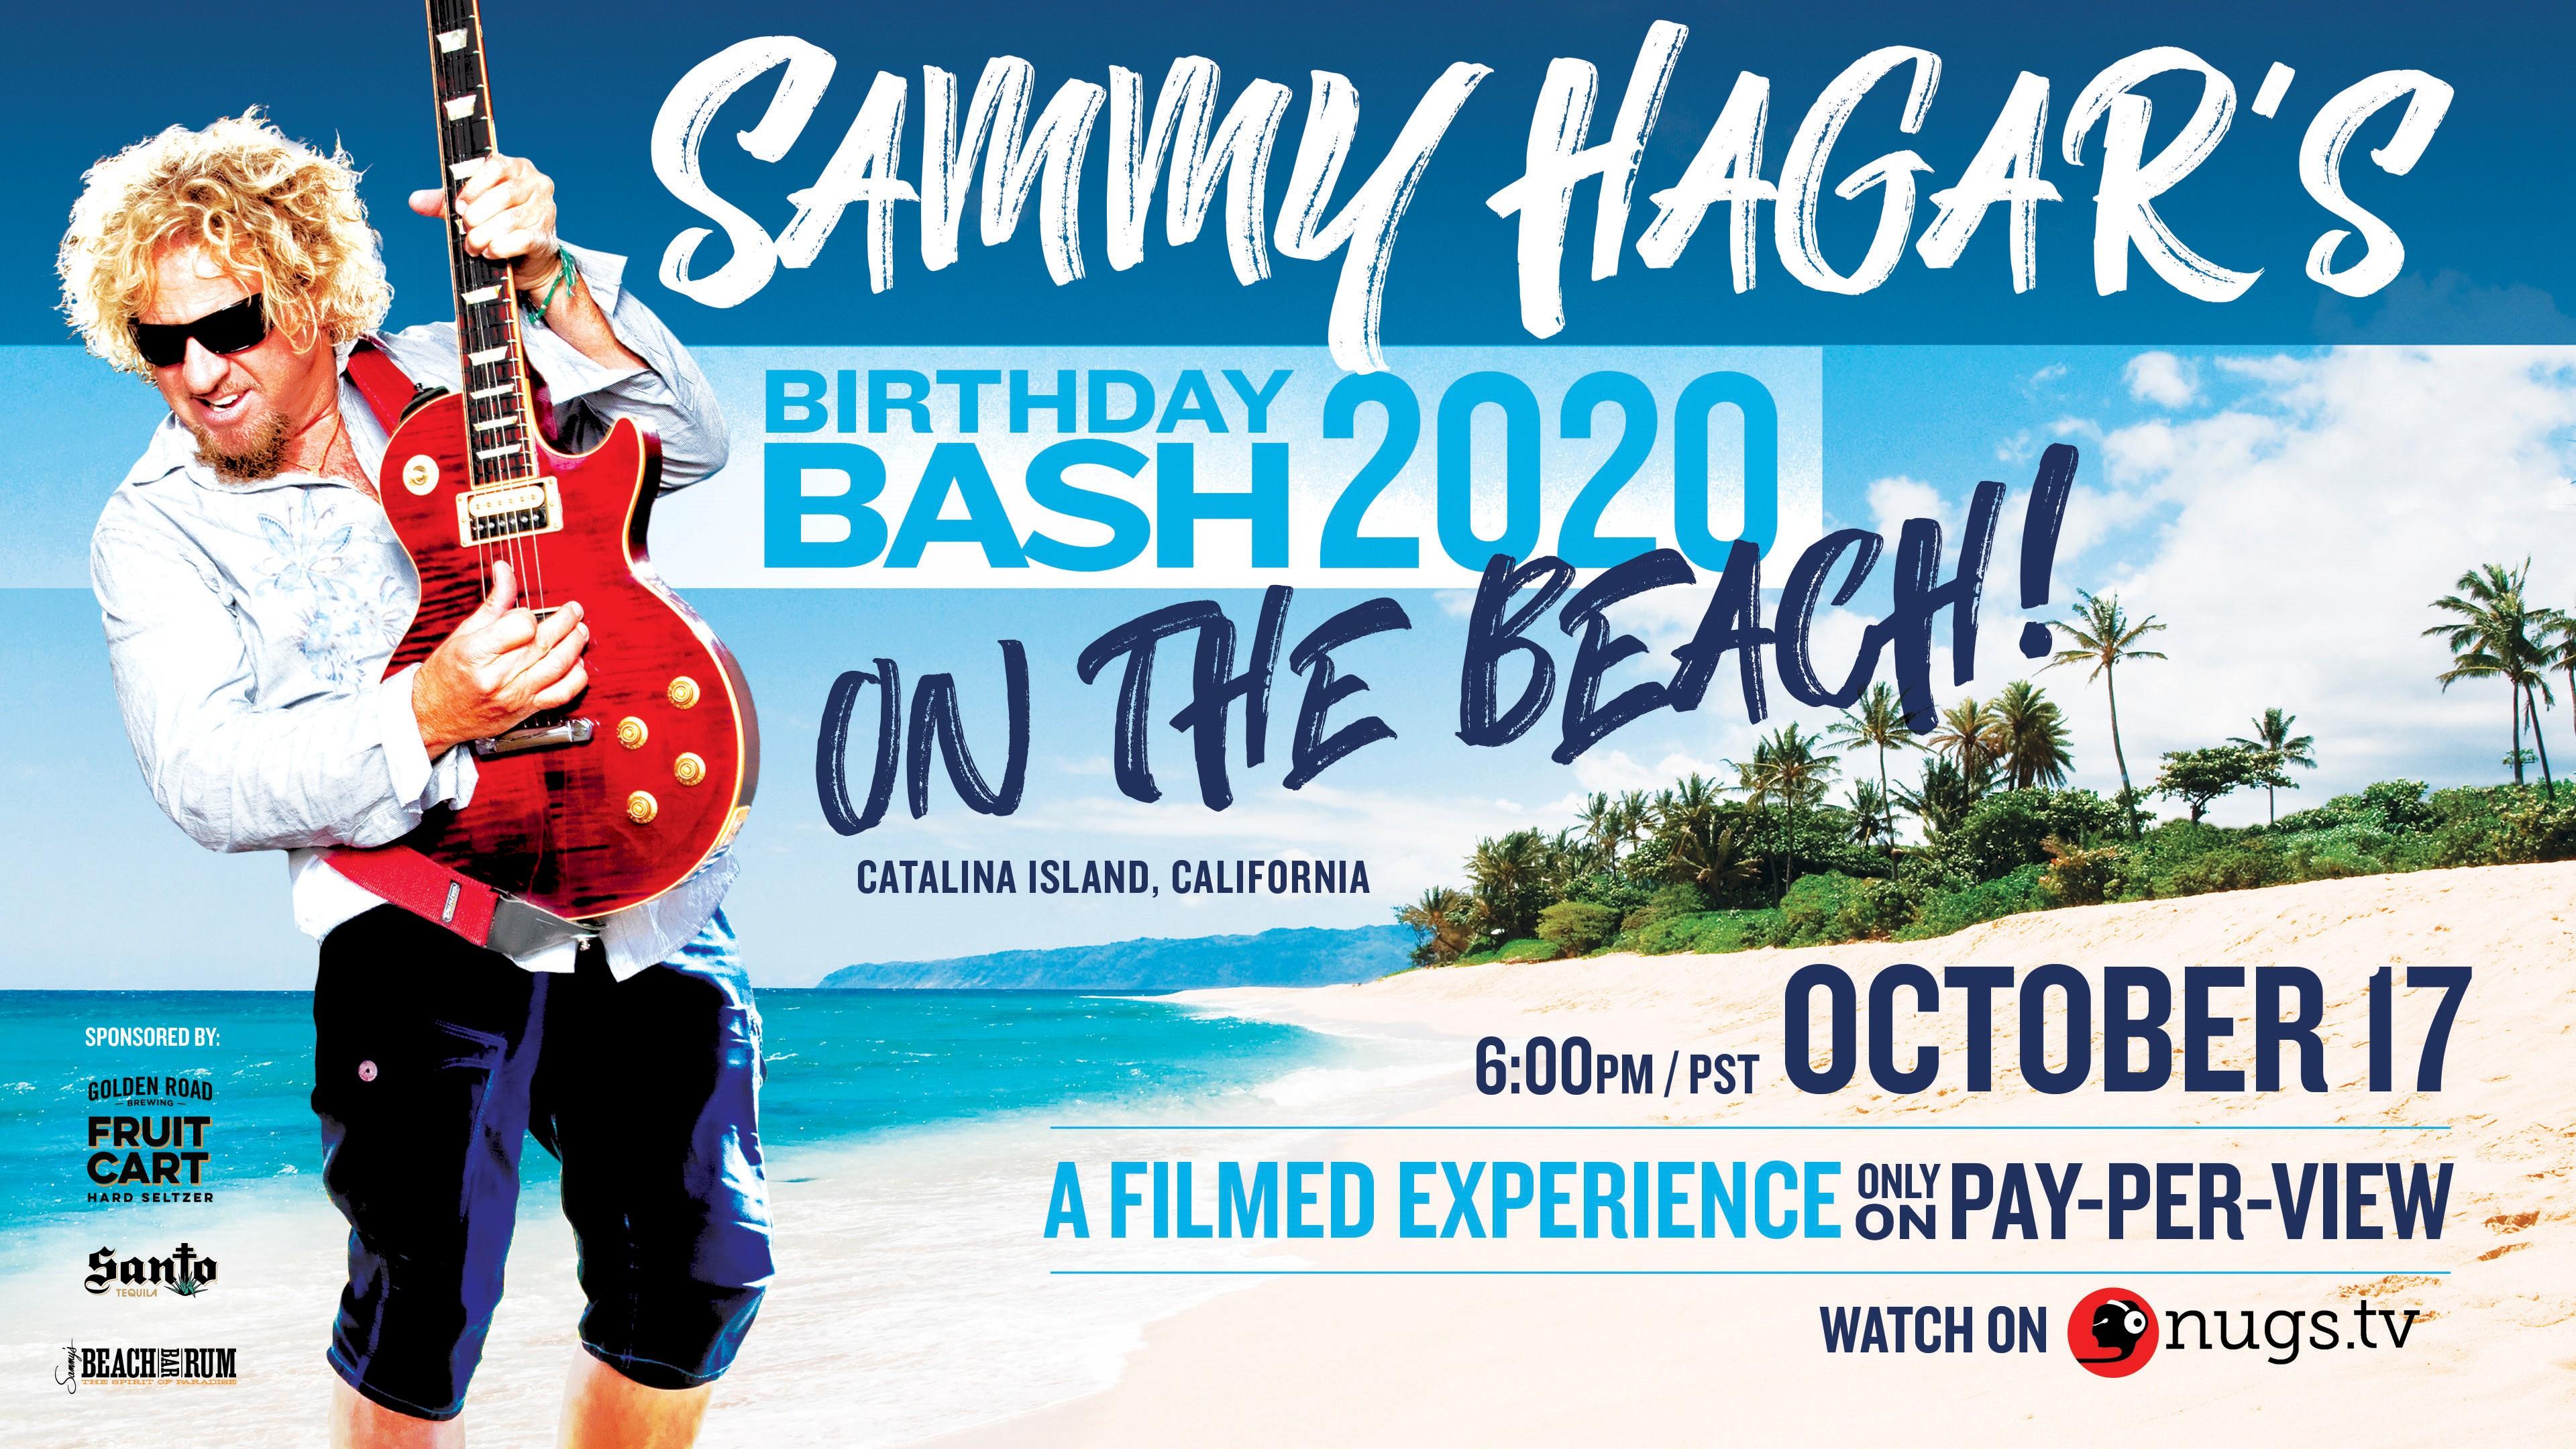 Sammy Hagar's Bithday Bash 2020